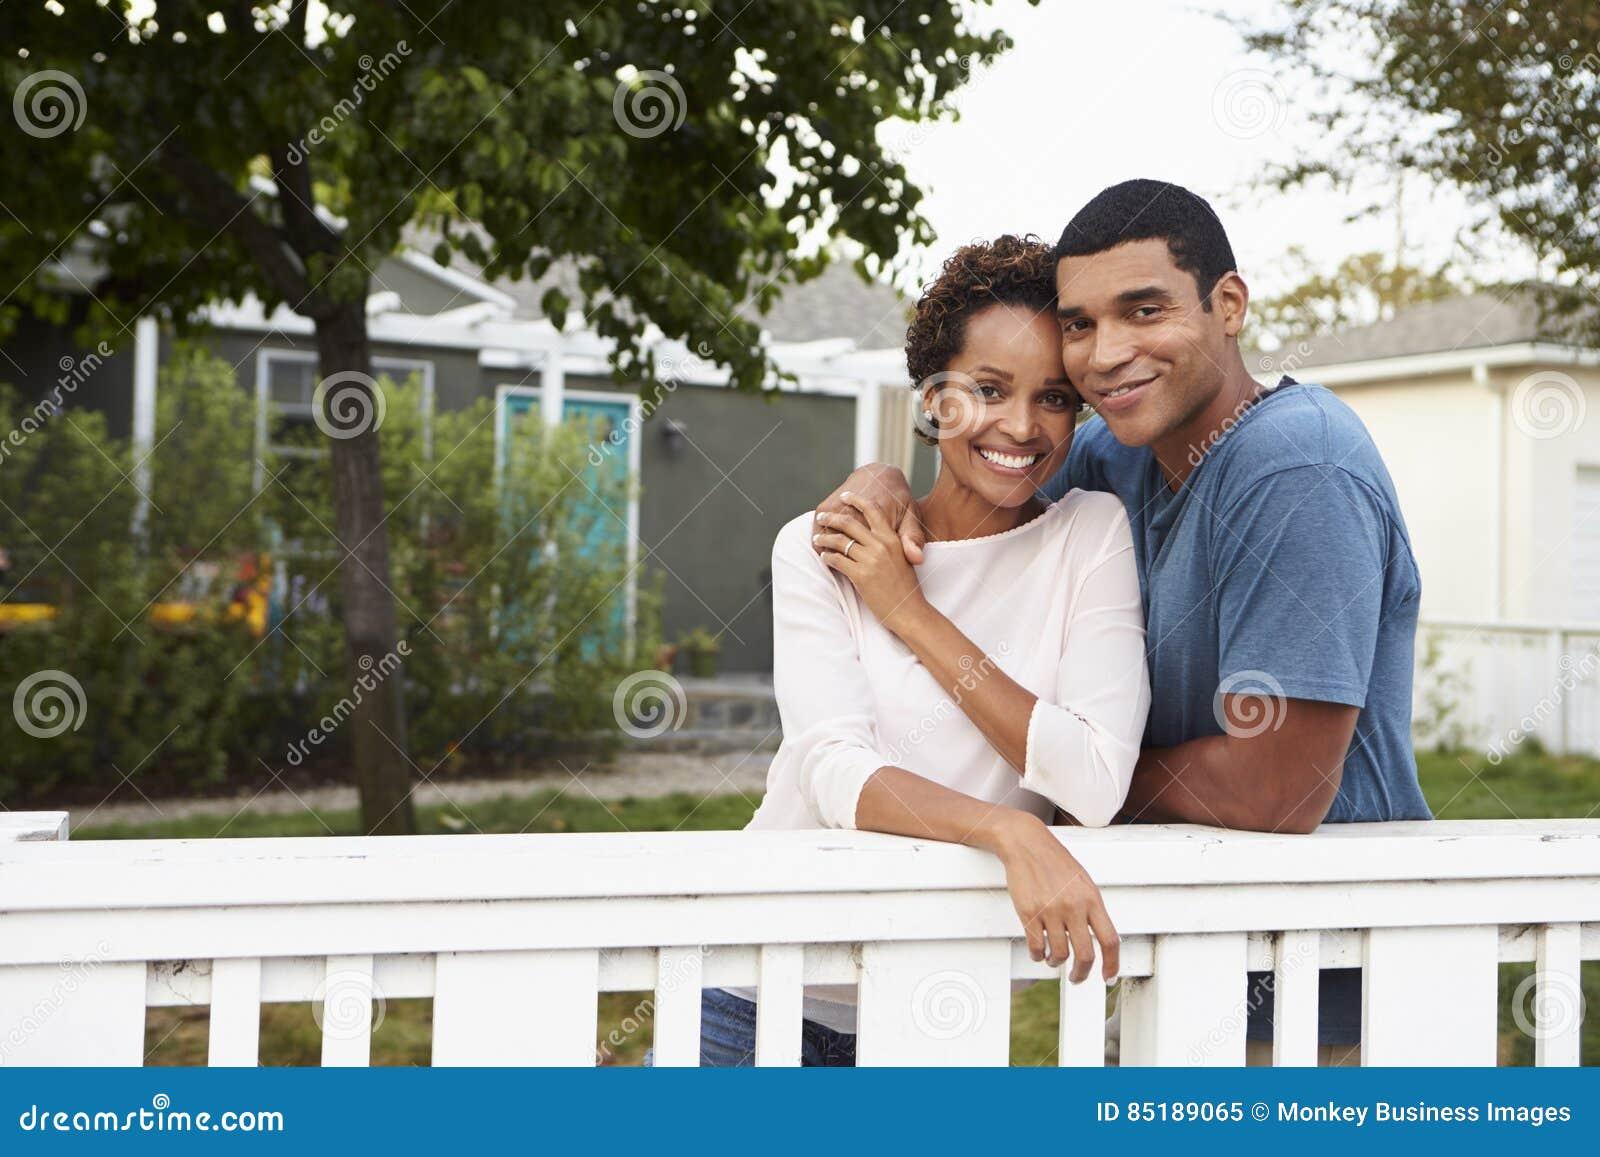 Junge Afroamerikanerpaarumarmung außerhalb ihres Hauses